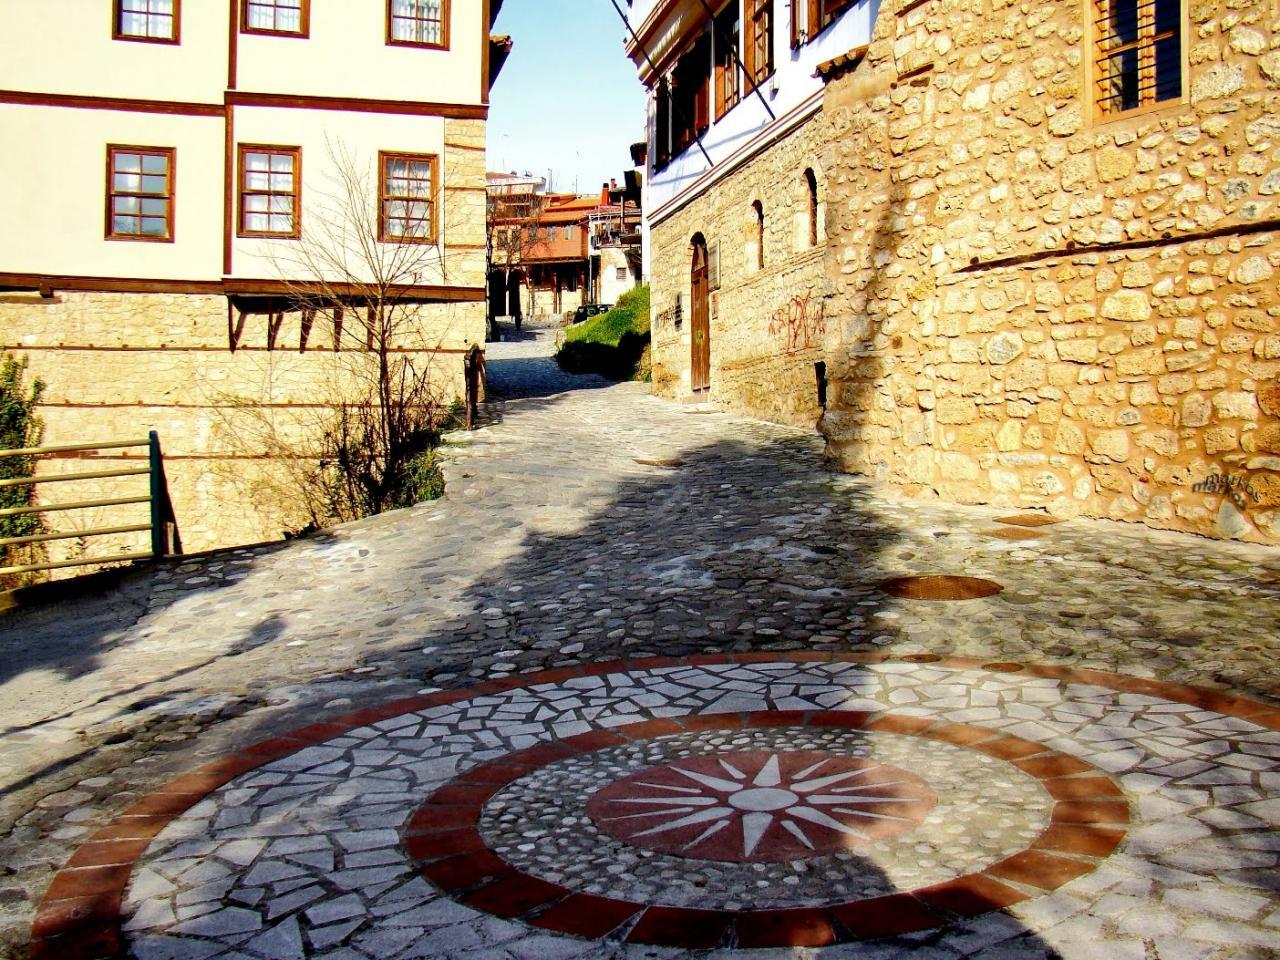 veria-imathia-macedonia-greece-36